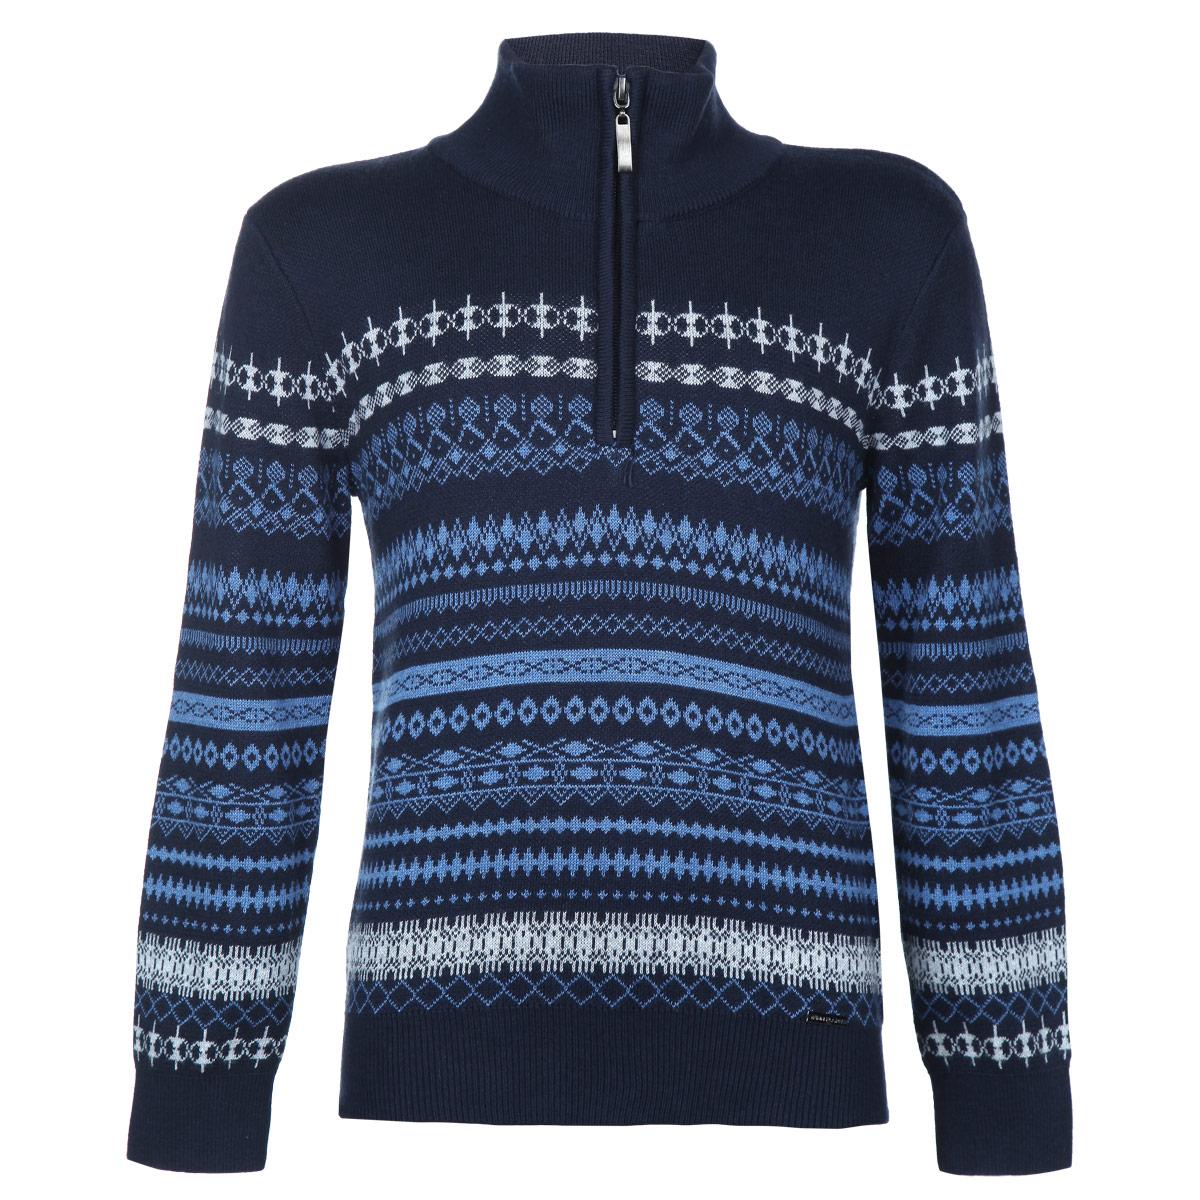 СвитерKW15-81120JВязаный свитер для мальчика Finn Flare Kids идеально подойдет вашему ребенку в более прохладное время года. Изготовленный из хлопковой пряжи с добавлением акрила, он необычайно мягкий и приятный на ощупь, не сковывает движения и позволяет коже дышать, не раздражает даже самую нежную и чувствительную кожу ребенка, обеспечивая ему наибольший комфорт. Свитер с воротником-стойкой и длинными рукавами спереди застегивается на пластиковую застежку-молнию. Ворот, манжеты и низ модели связаны мелкой резинкой. Оформлен свитер оригинальным вязаным орнаментом. Современный дизайн и расцветка делают этот свитер модным и стильным предметом детского гардероба. В нем ваш маленький модник будет чувствовать себя уютно и комфортно и всегда будет в центре внимания!